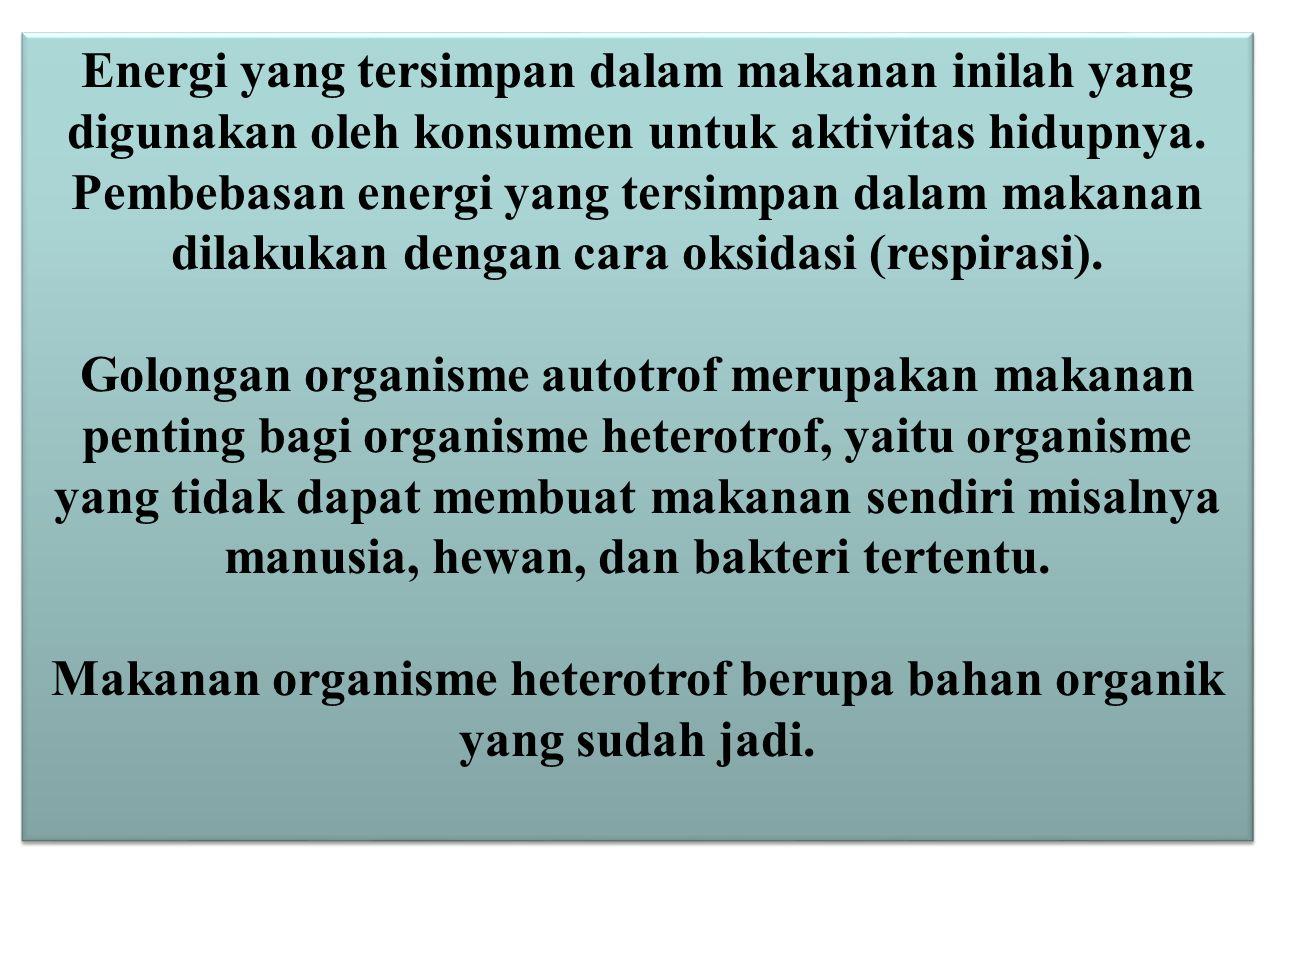 Makanan organisme heterotrof berupa bahan organik yang sudah jadi.